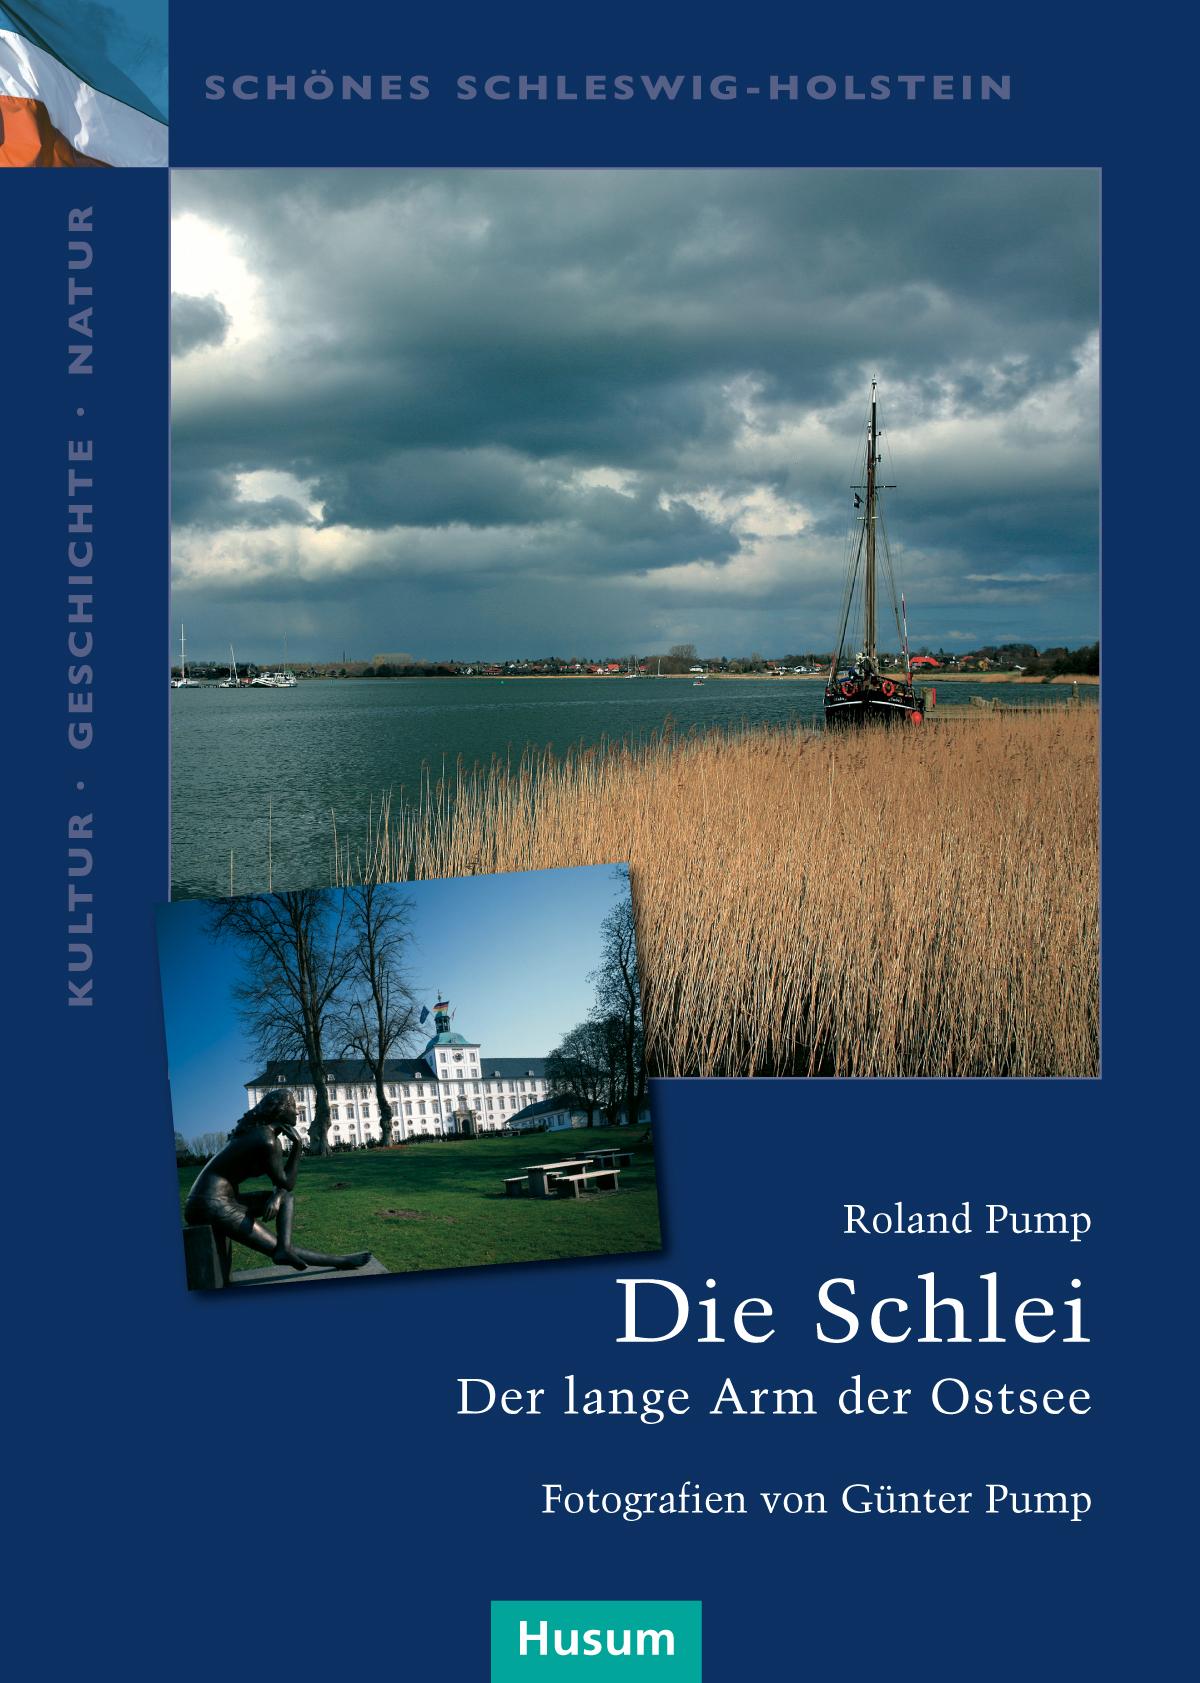 Die Schlei: Der lange Arm der Ostsee. Schönes Schleswig-Holstein. Kultur - Geschichte - Natur - Roland Pump